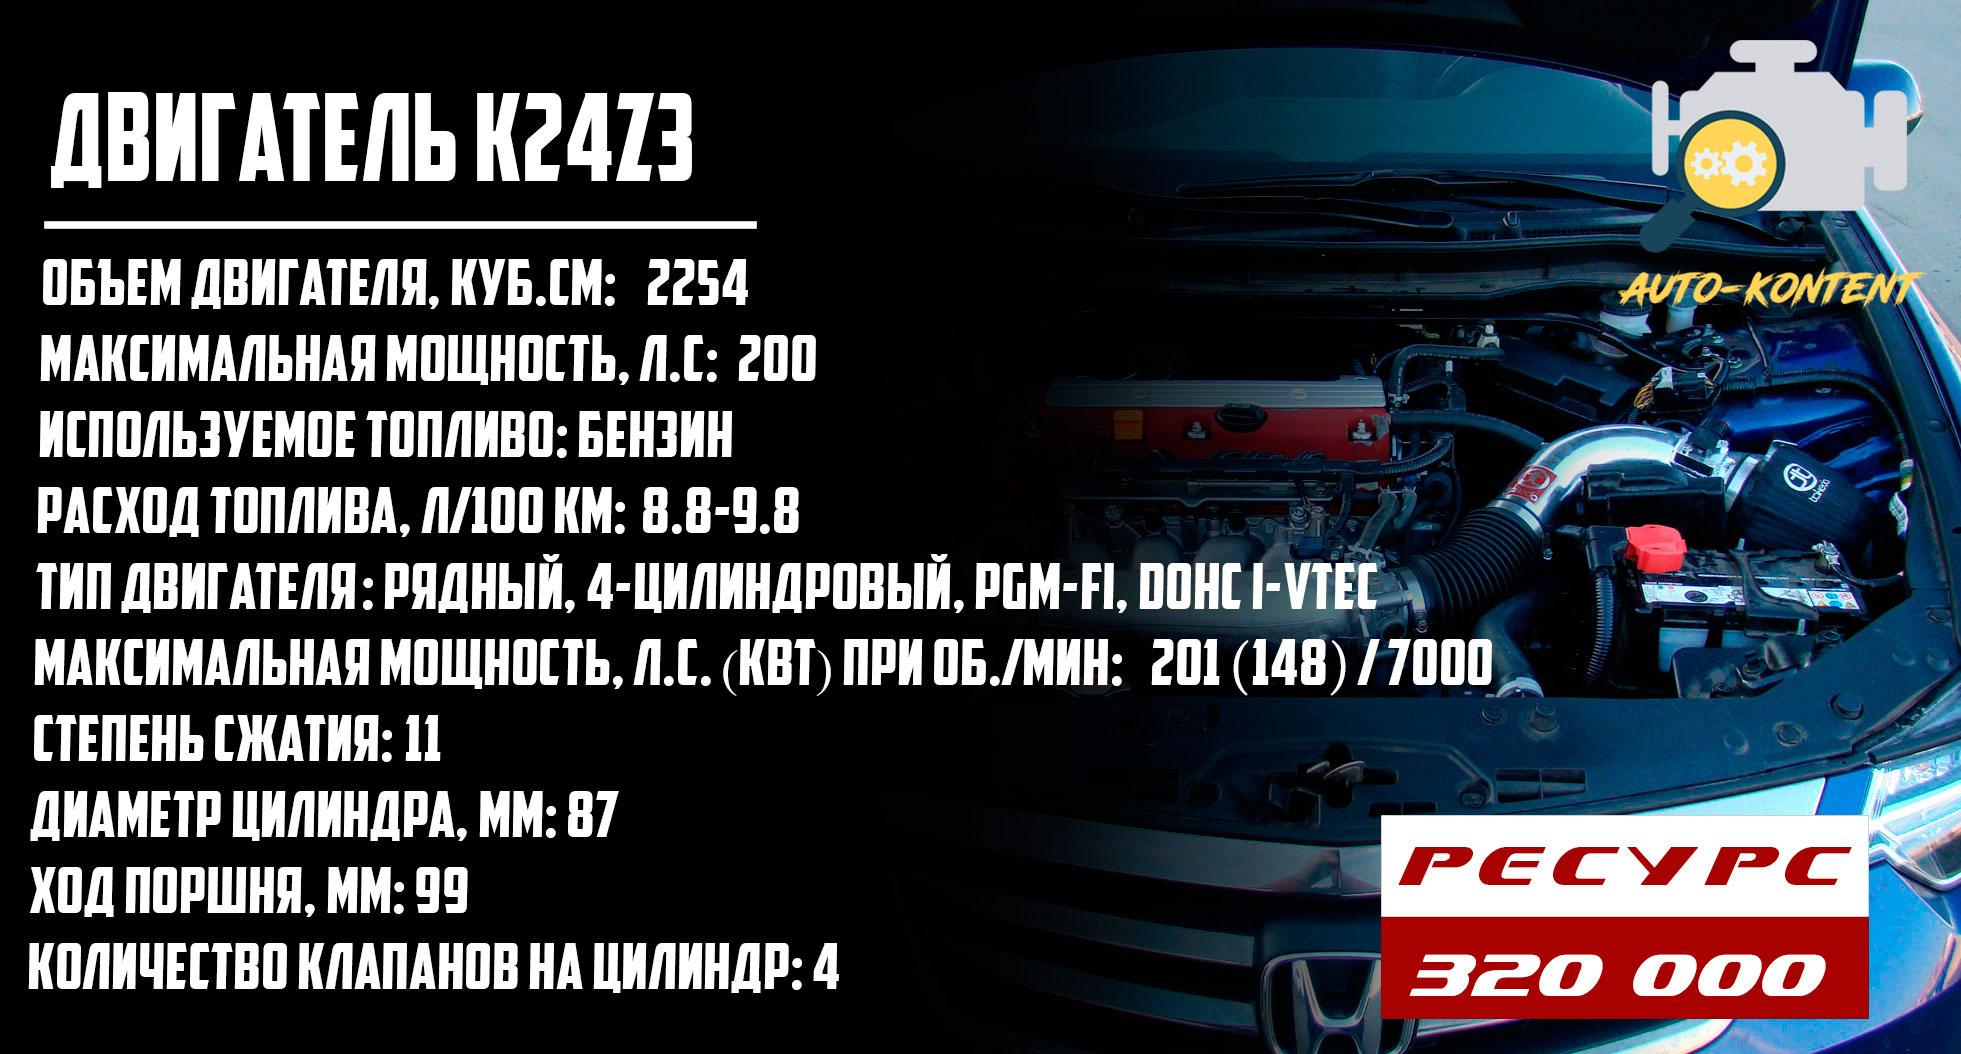 K24Z3